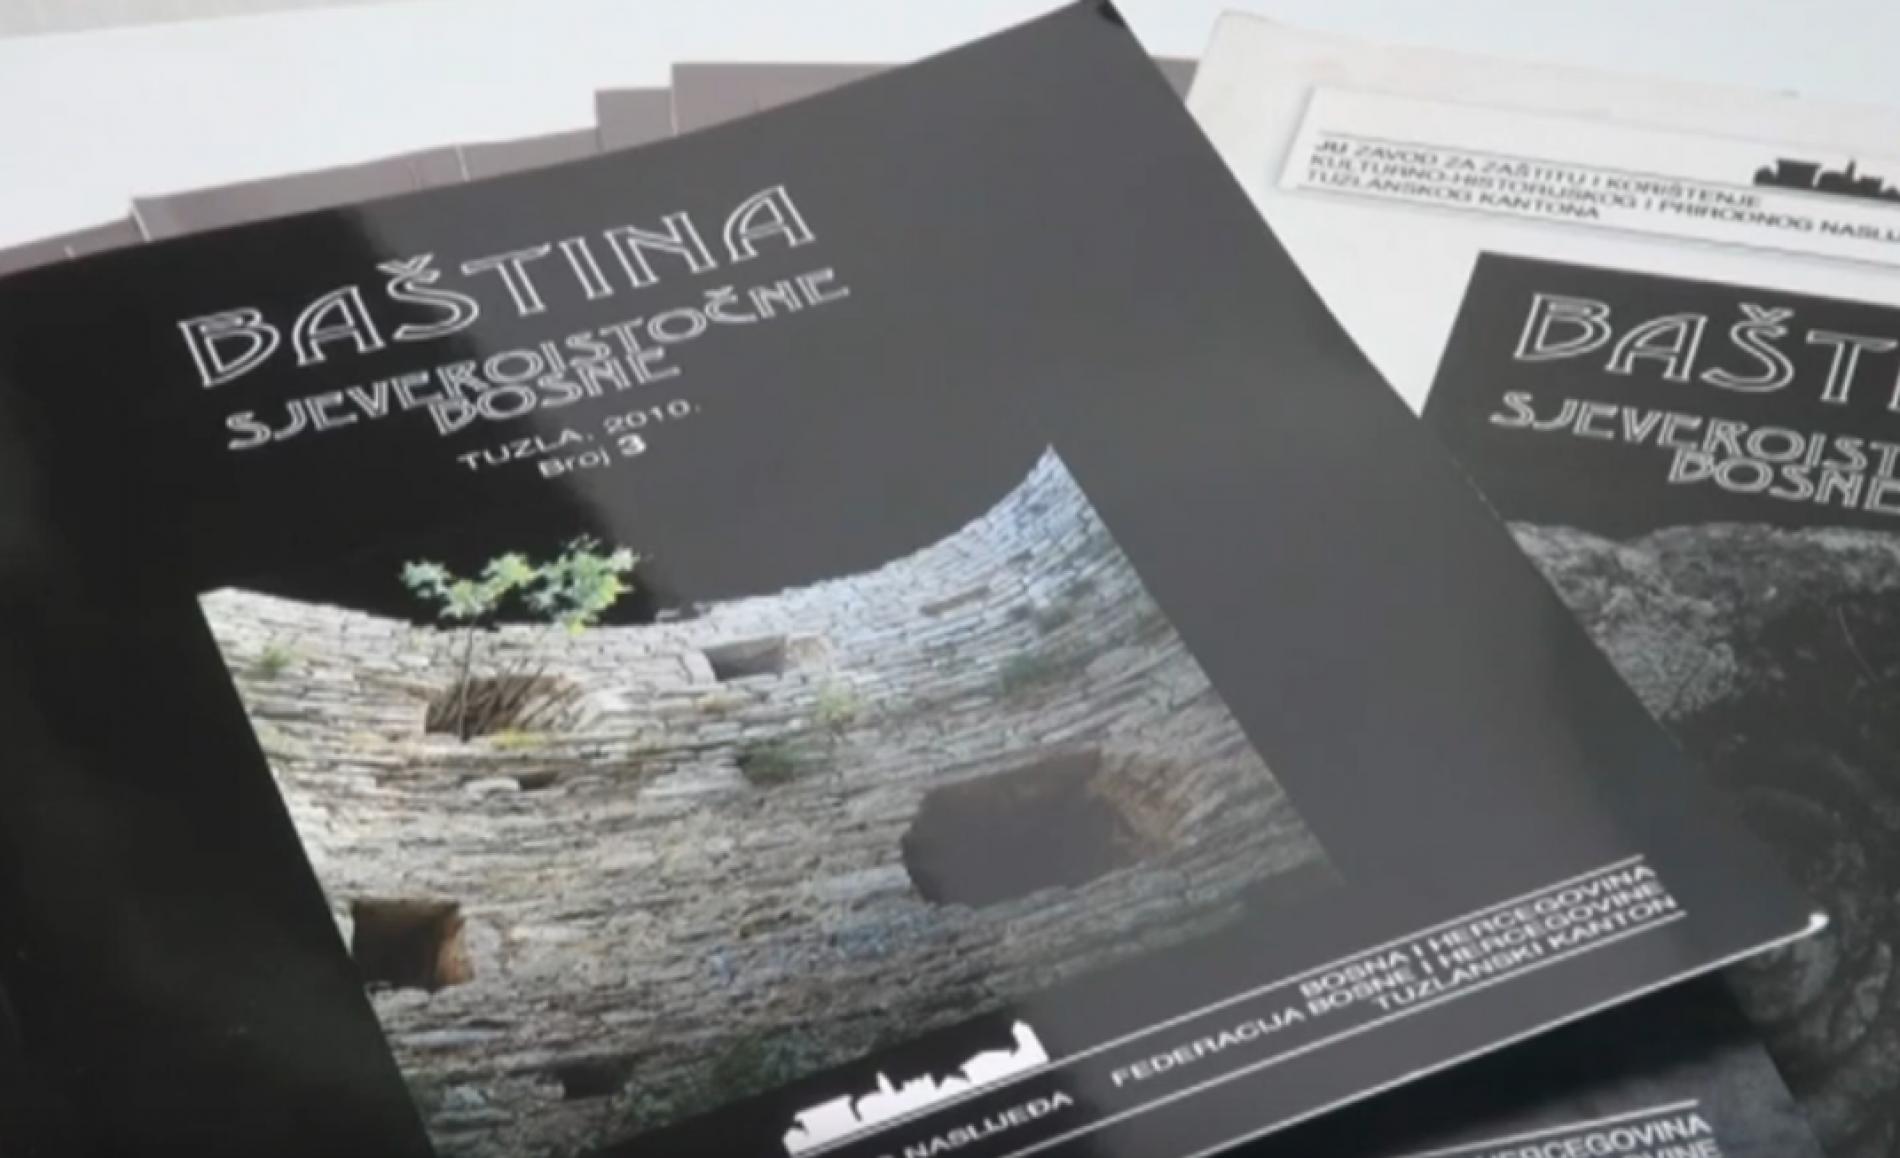 Brinu o baštini tuzlanskog kraja: Godišnjica rada obilježena promocijom izdanja i izložbom (Video)